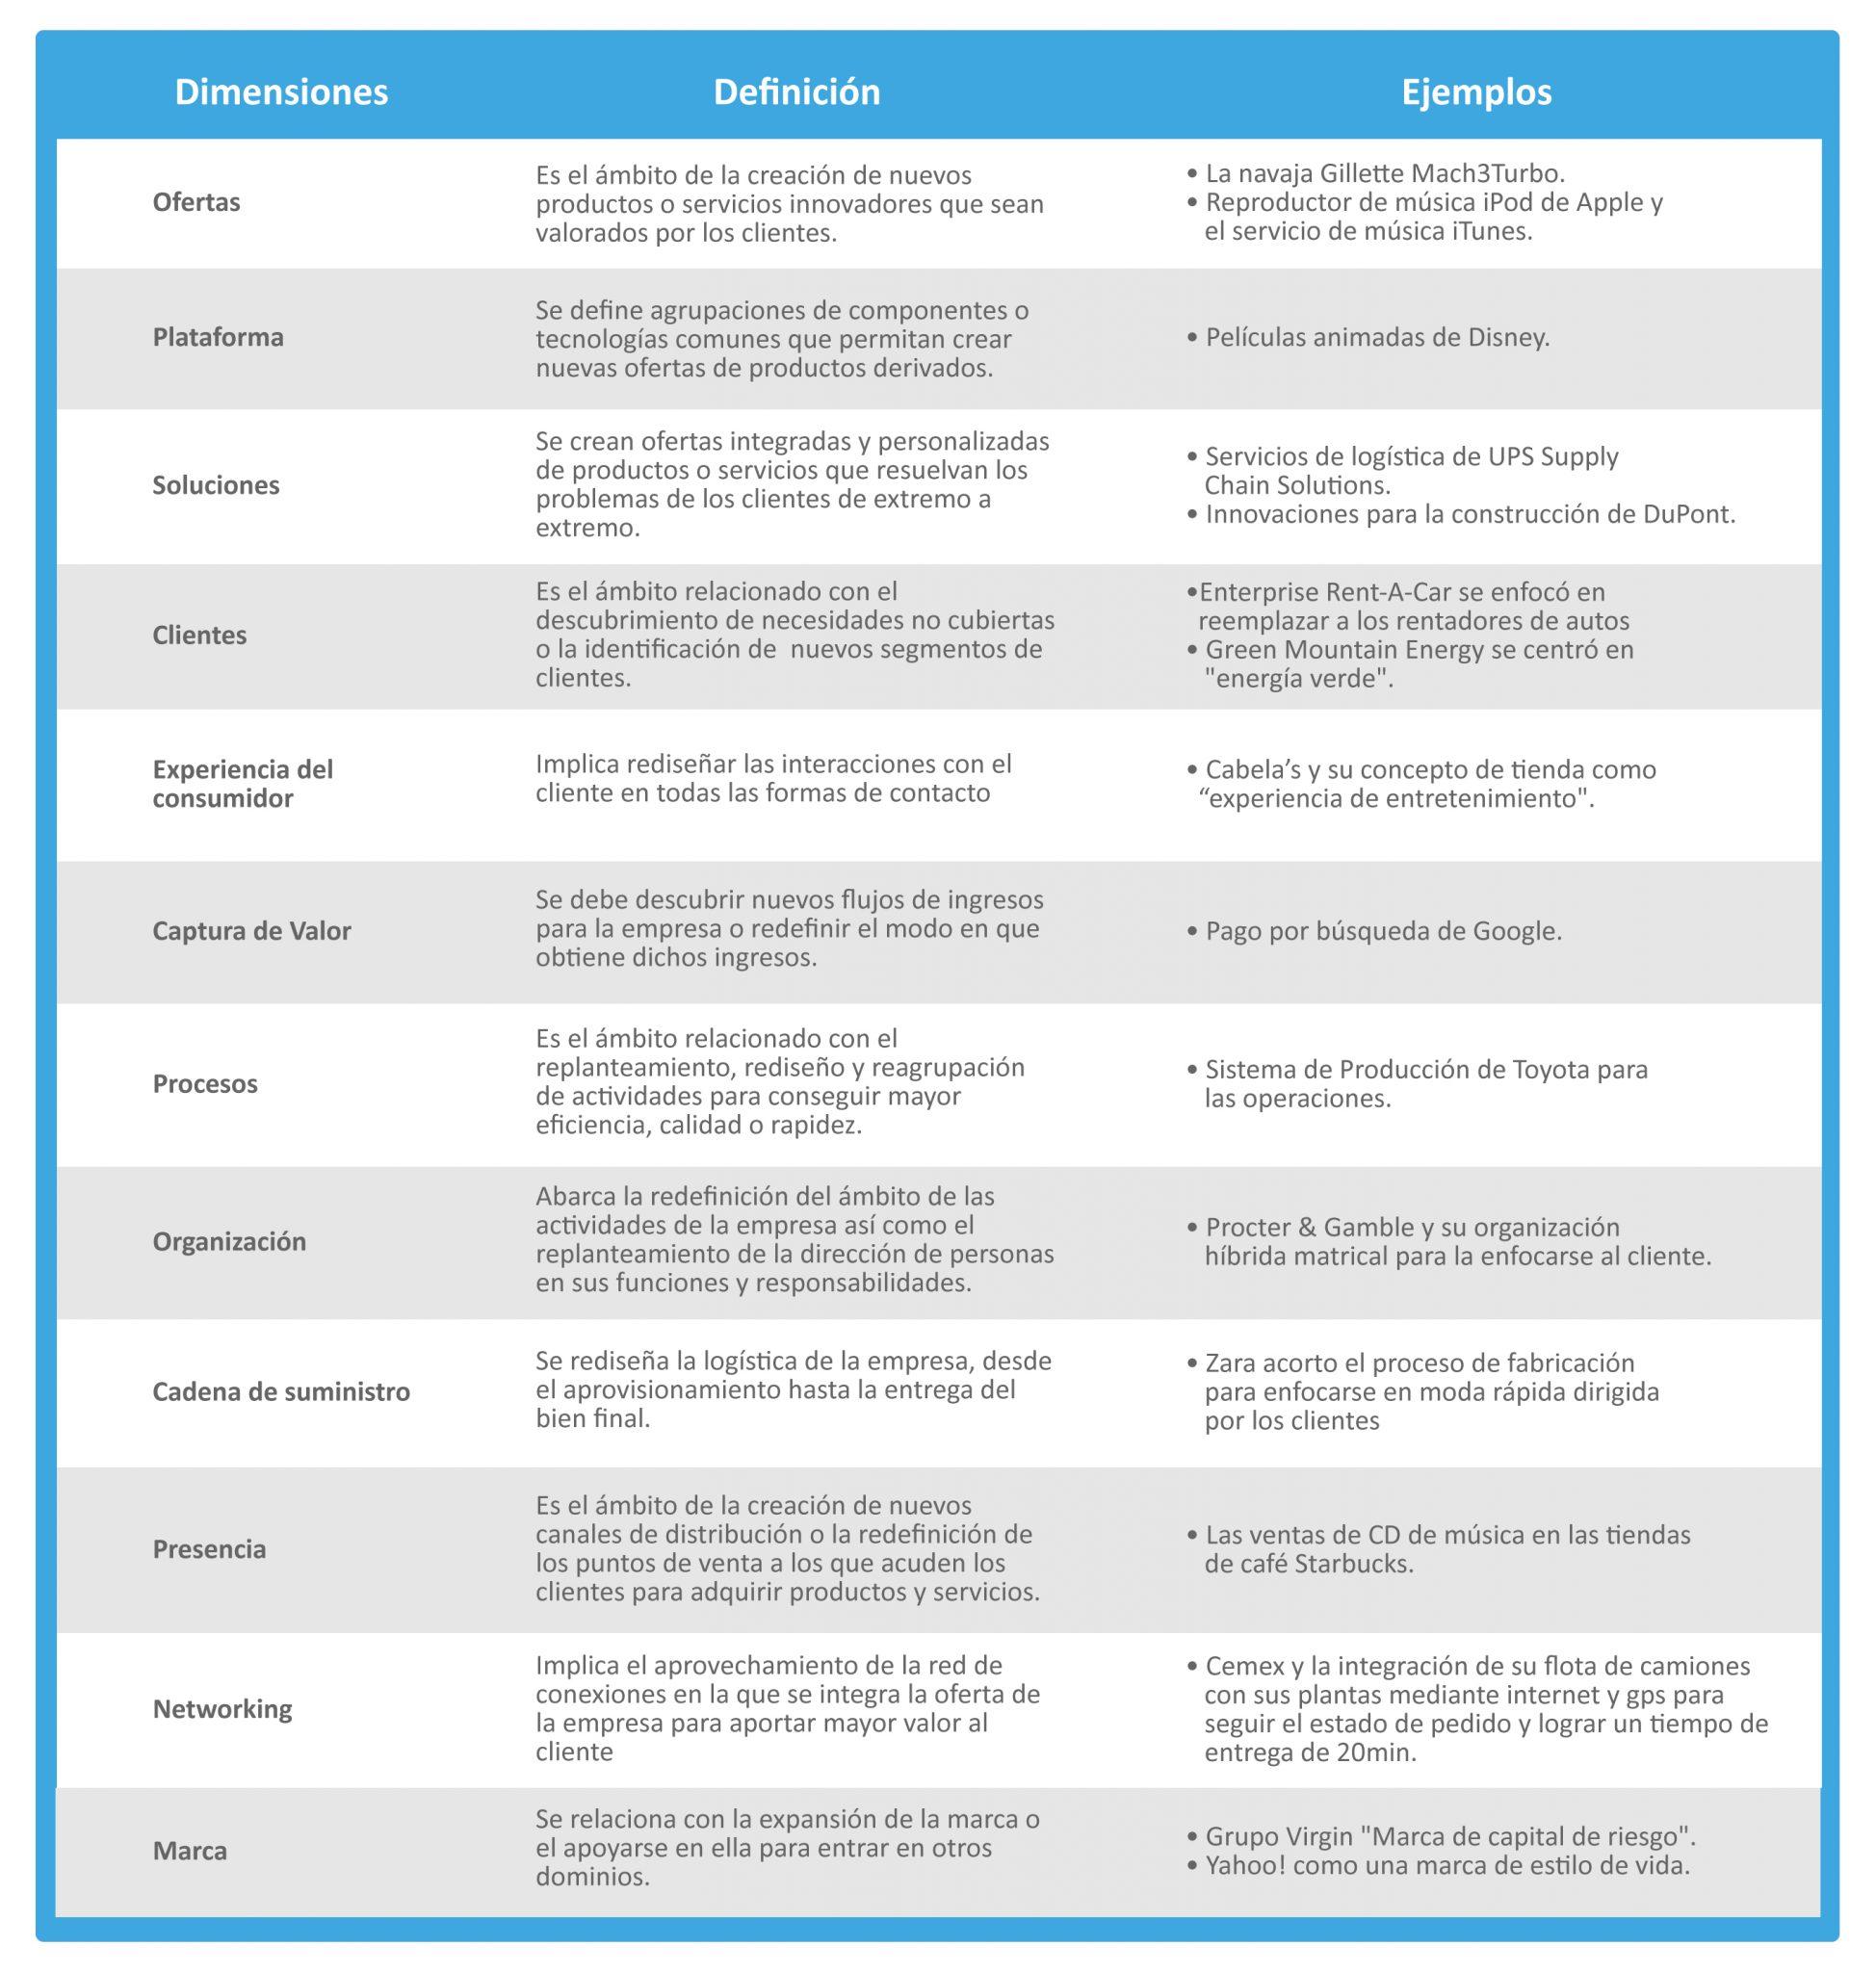 maneras de innovar en las empresas